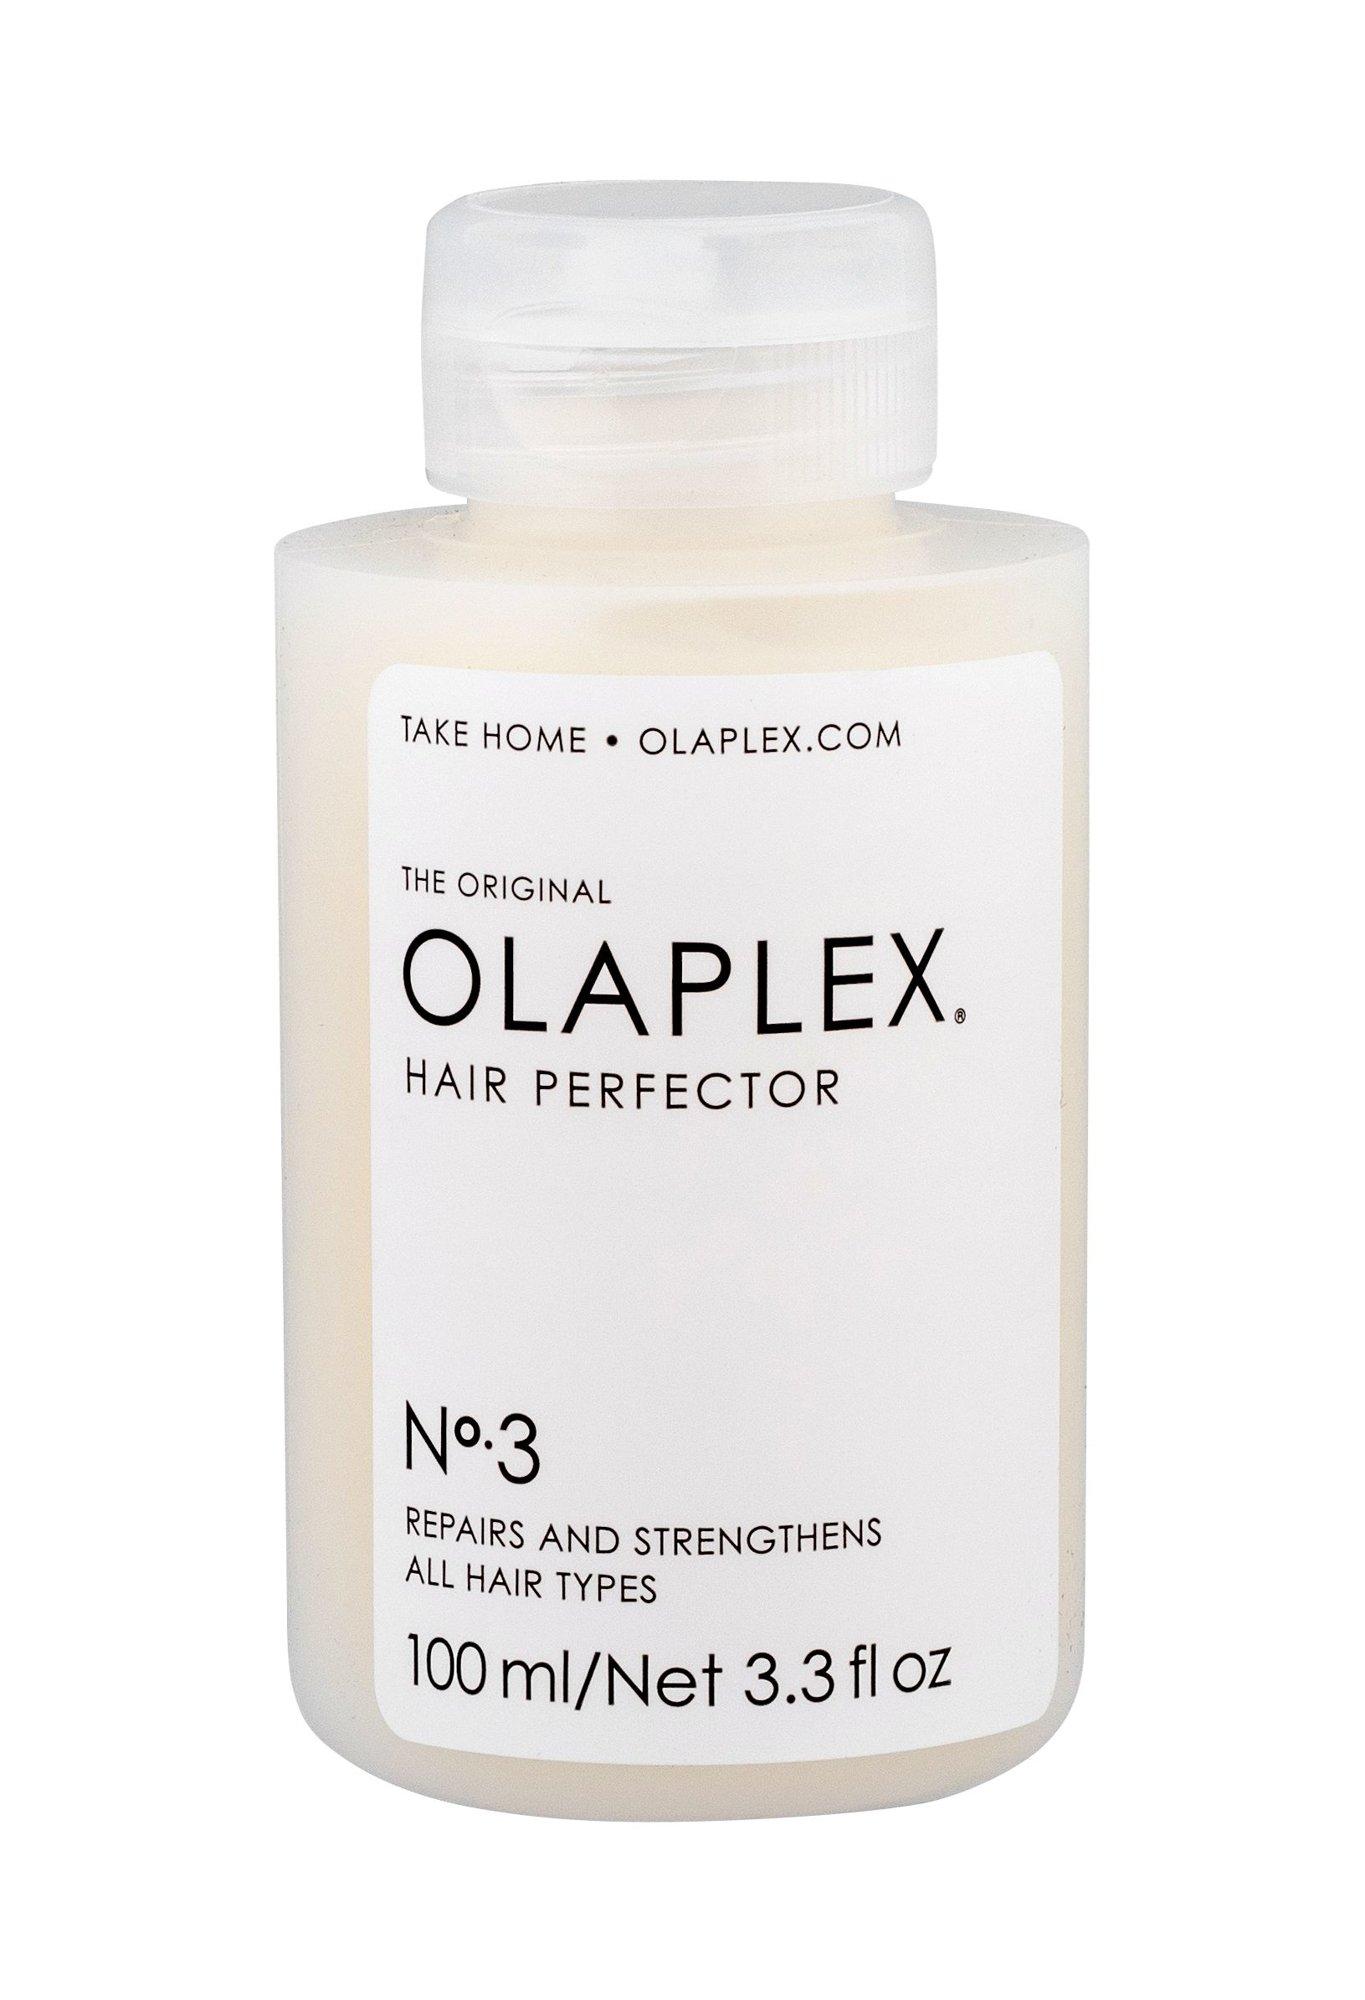 Olaplex Hair Perfector No. 3 Hair Serum 100ml